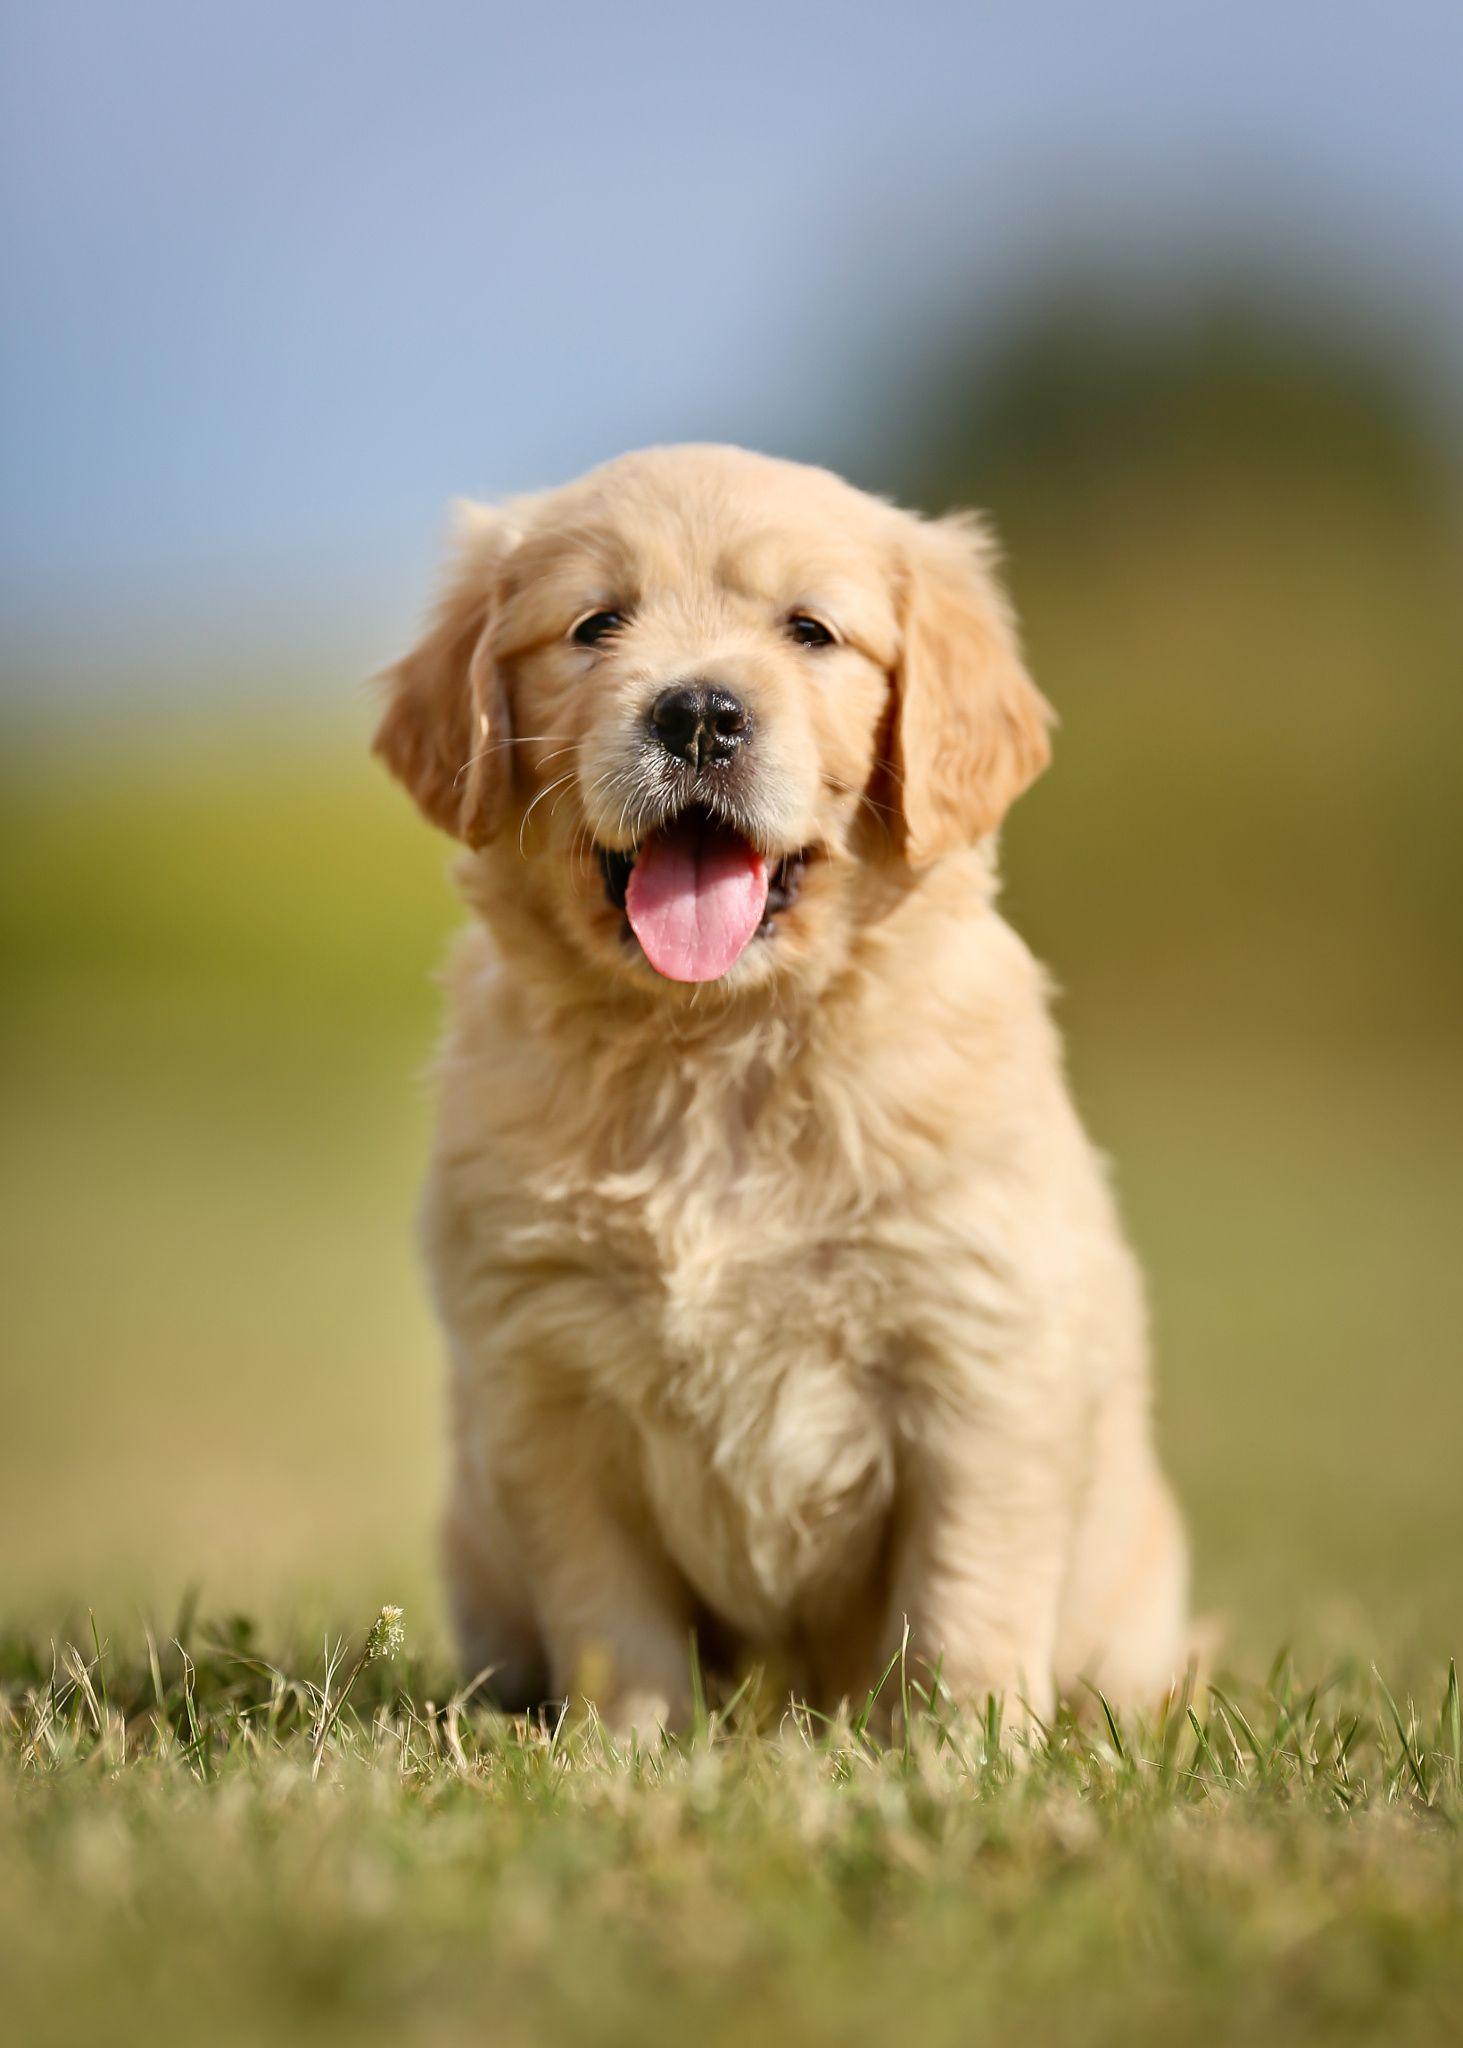 Cute Golden Retriever Puppy By Mikkel Bigandt On 500px Dog